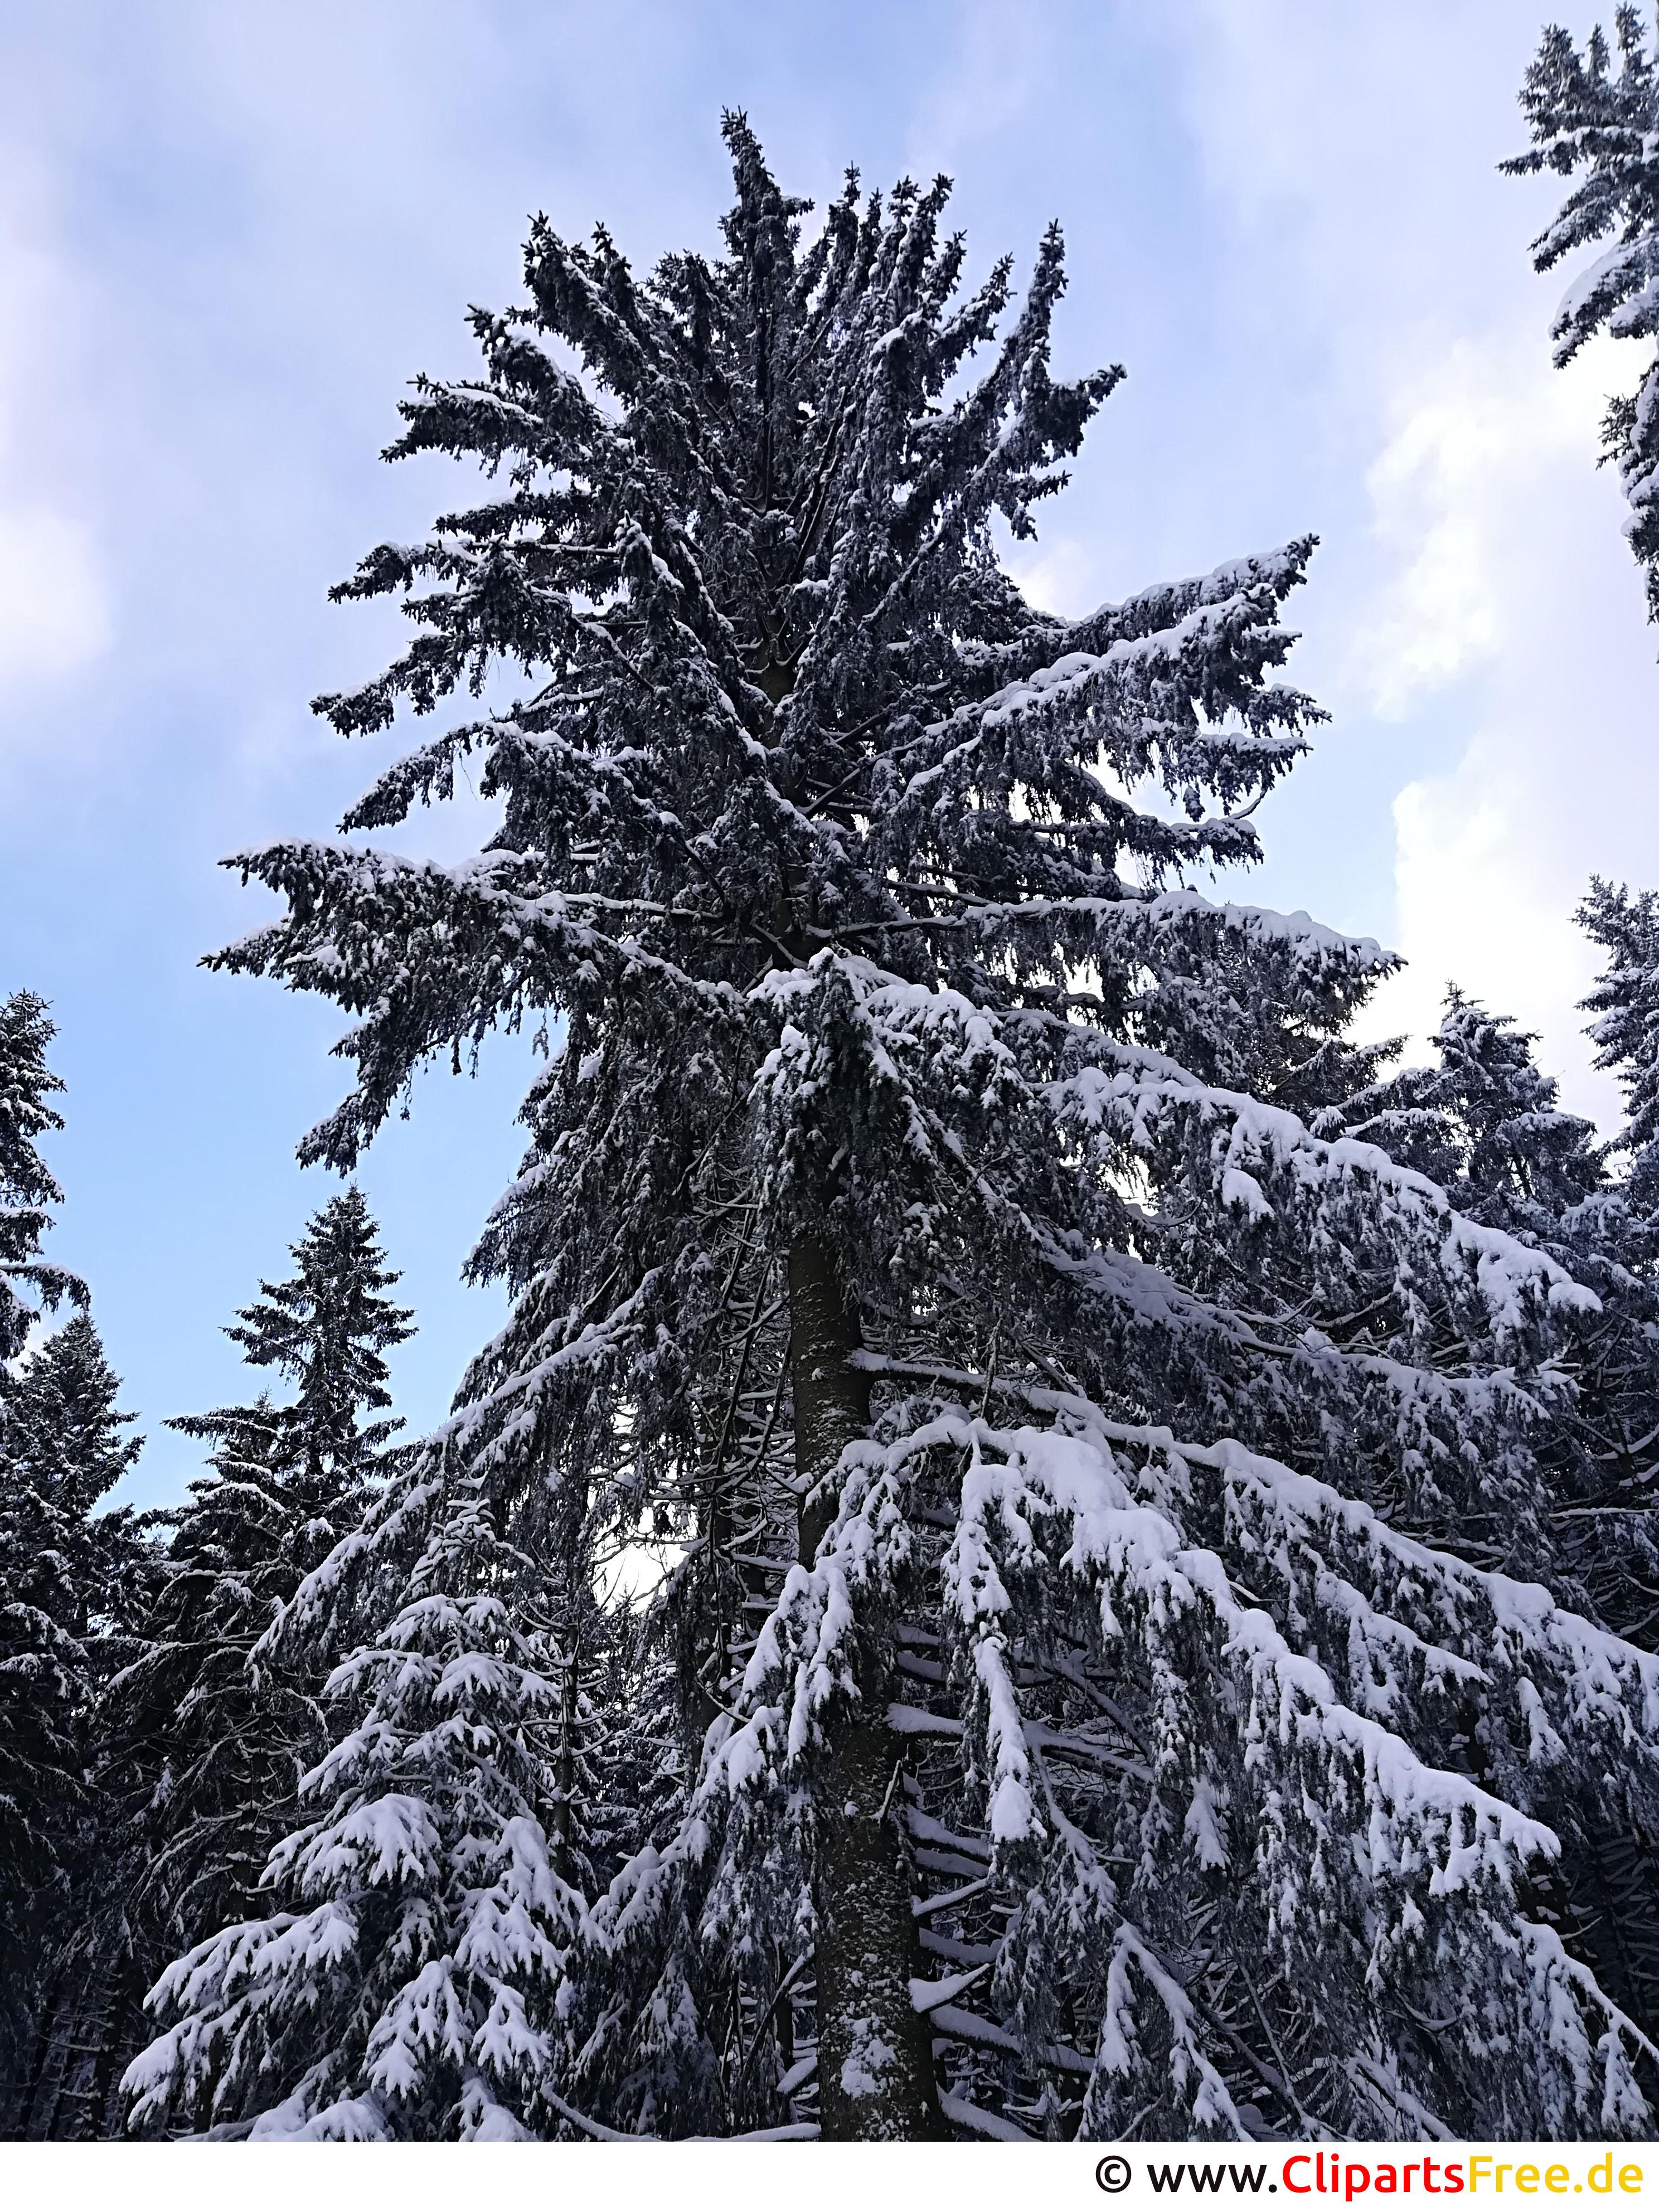 Tanne im Winter, Schnee Bild, Foto, Grafik kostenlos